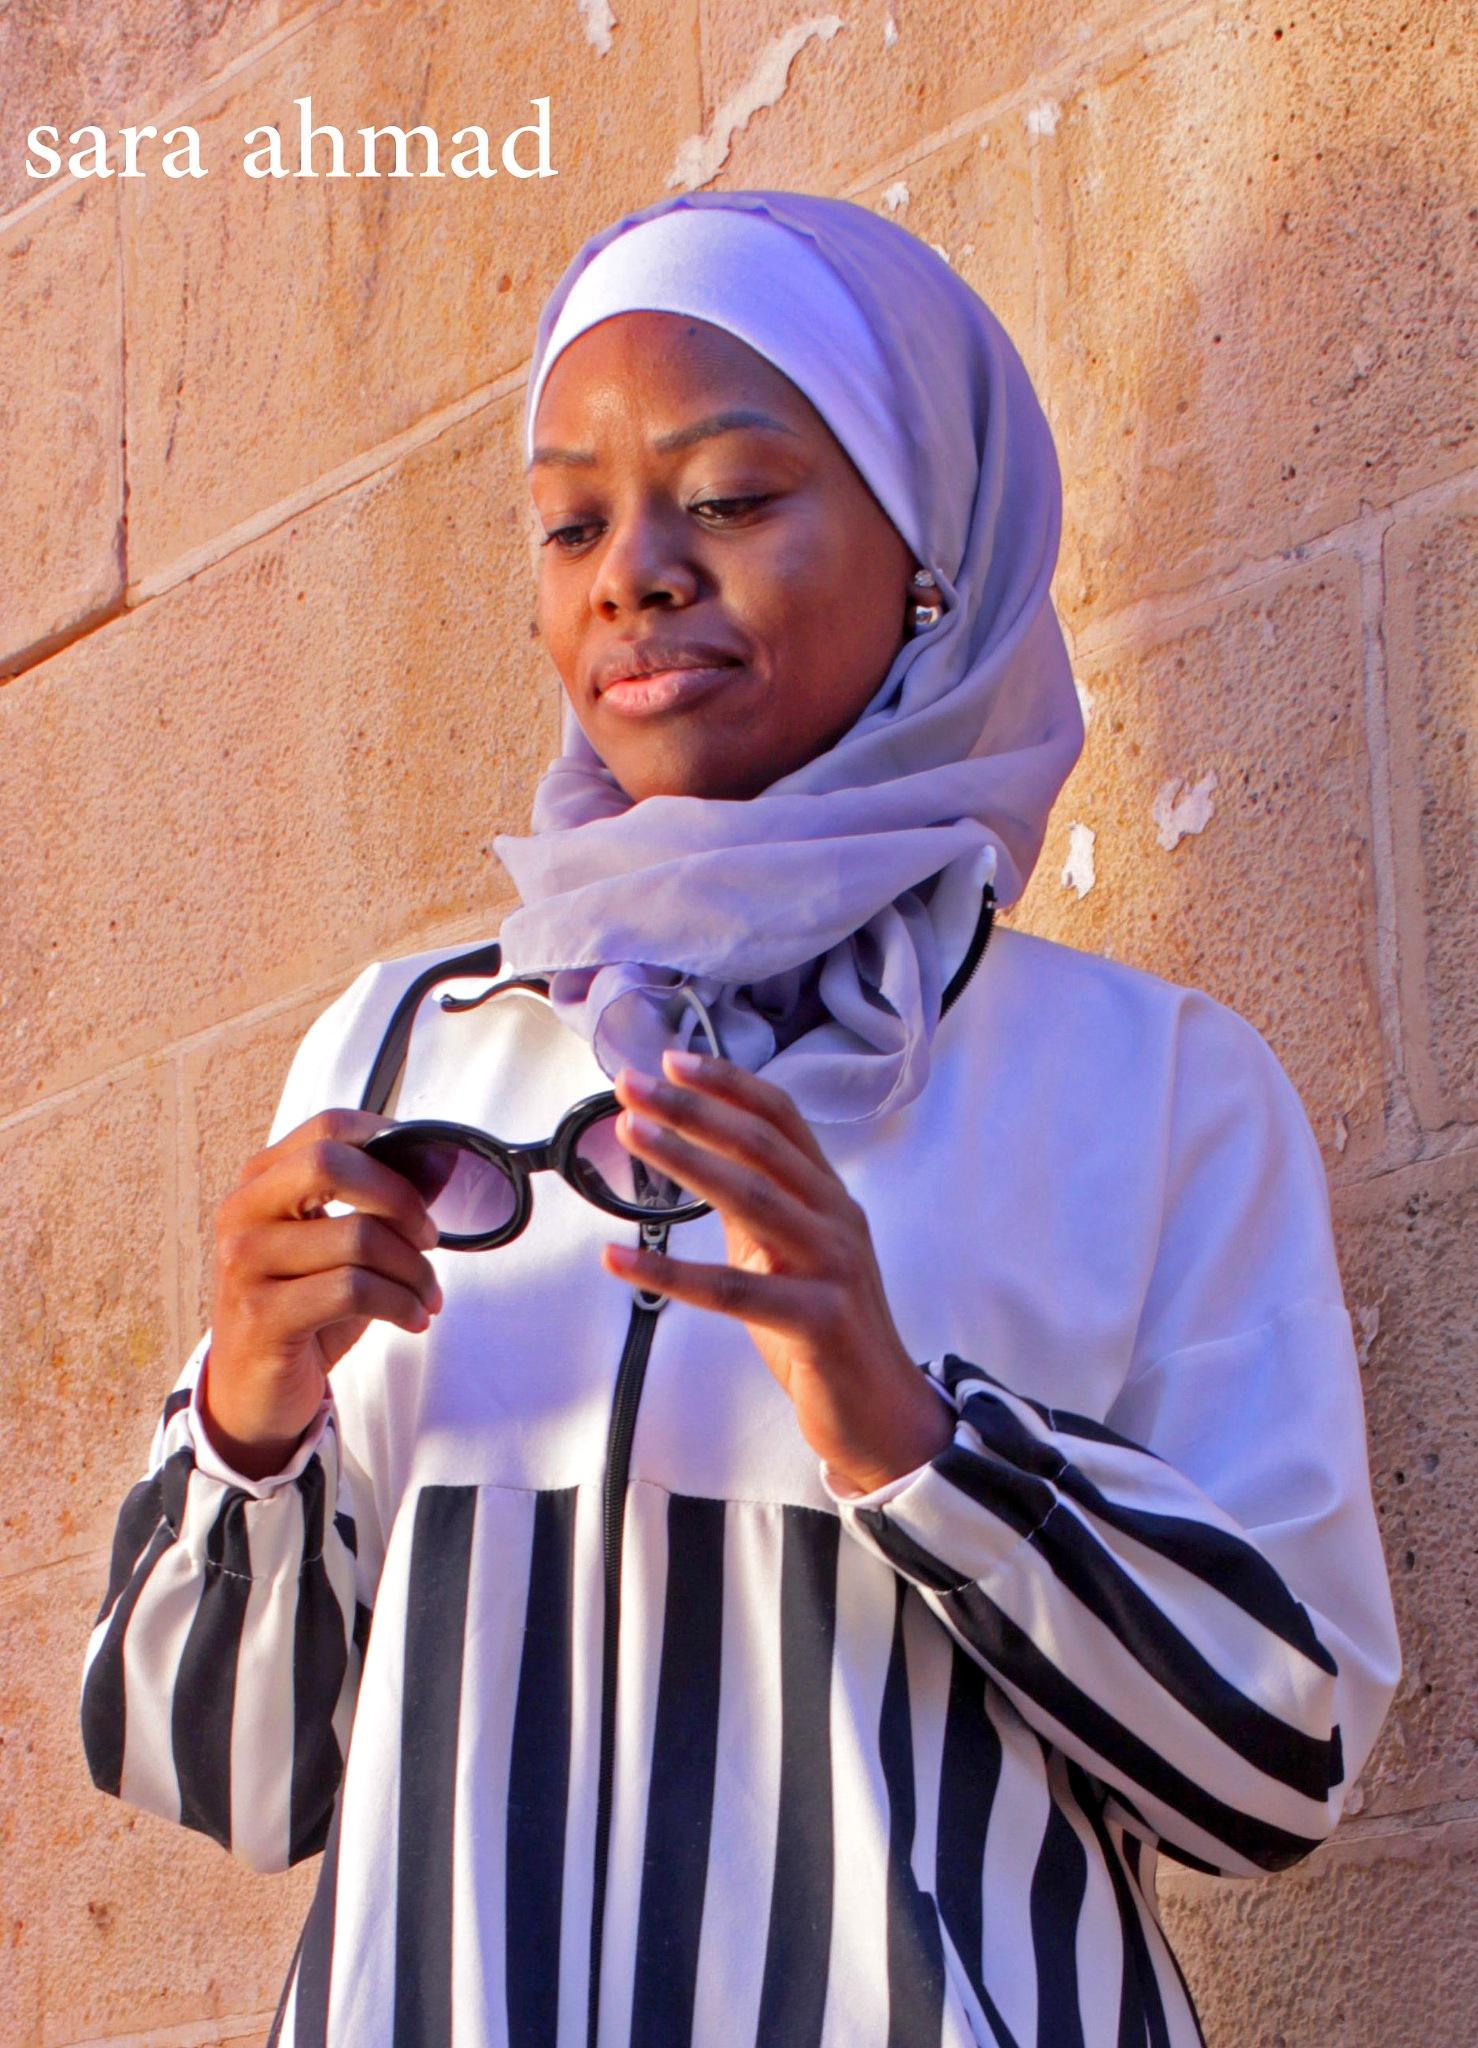 zopa by Sara ahmad